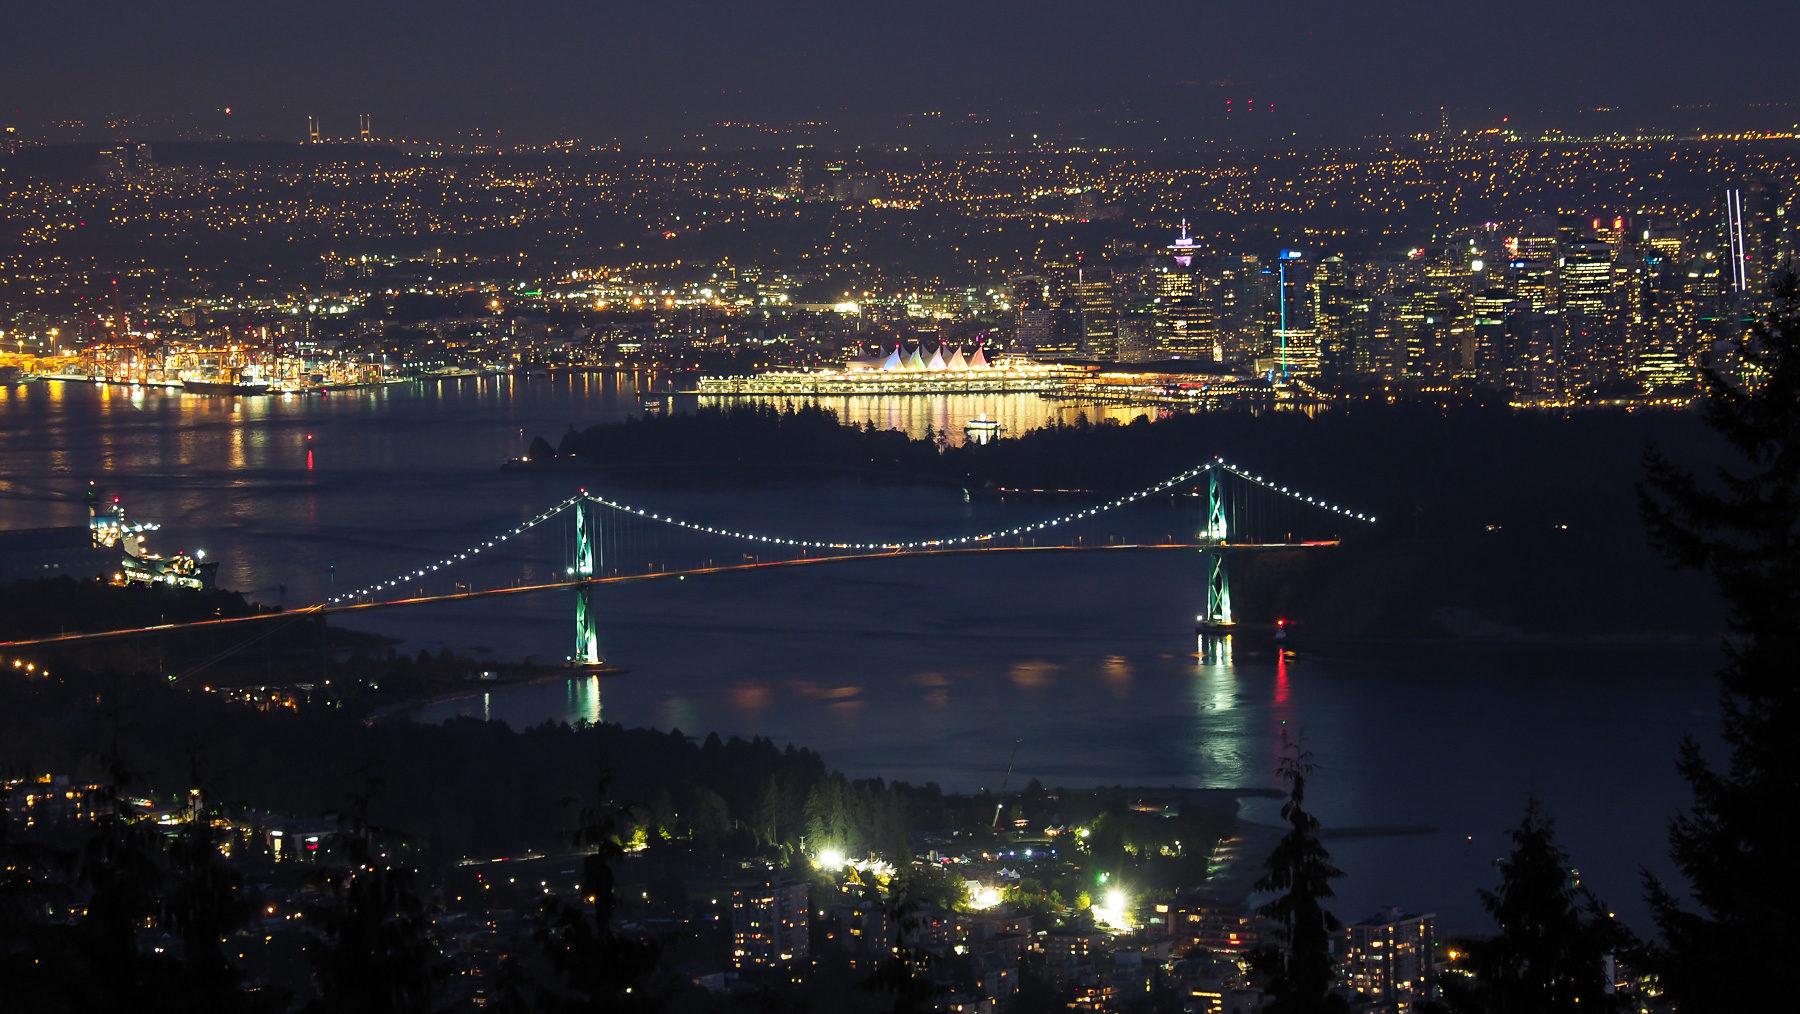 Vancouver City bei Nacht (von unserem Schlafplatz aus)